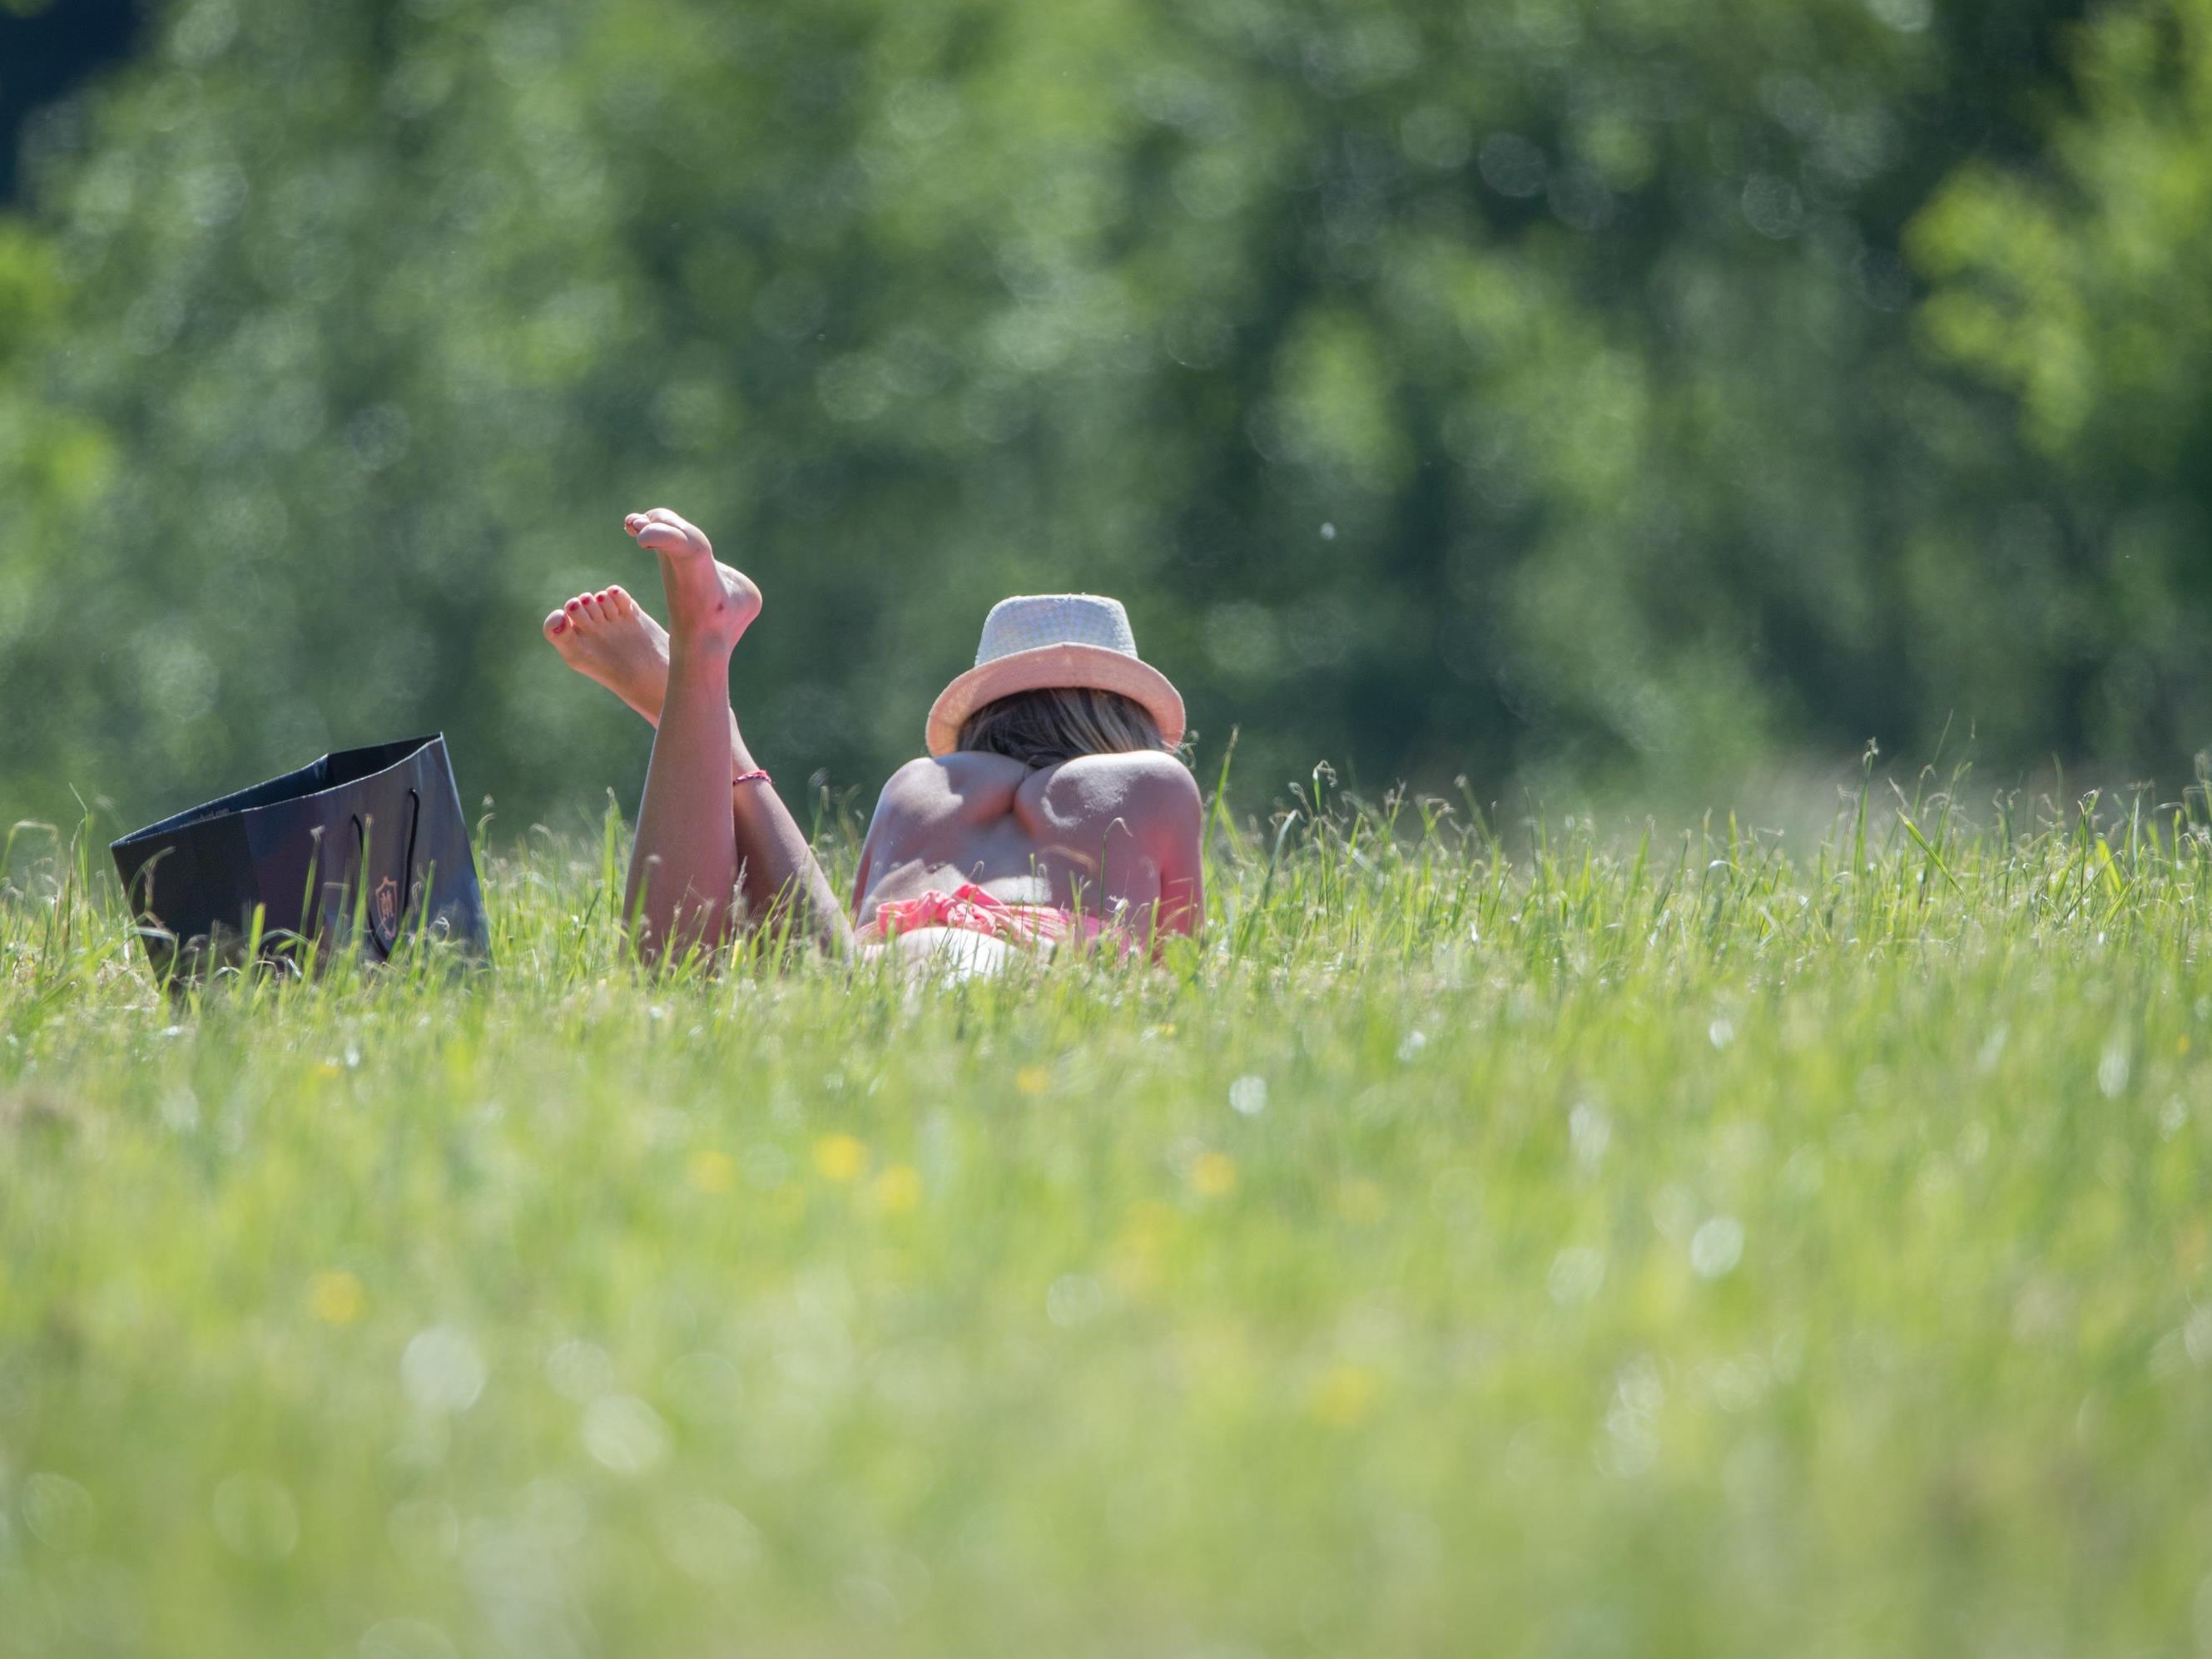 Zu Wochenbeginn erwartet uns sommerliches Wetter.